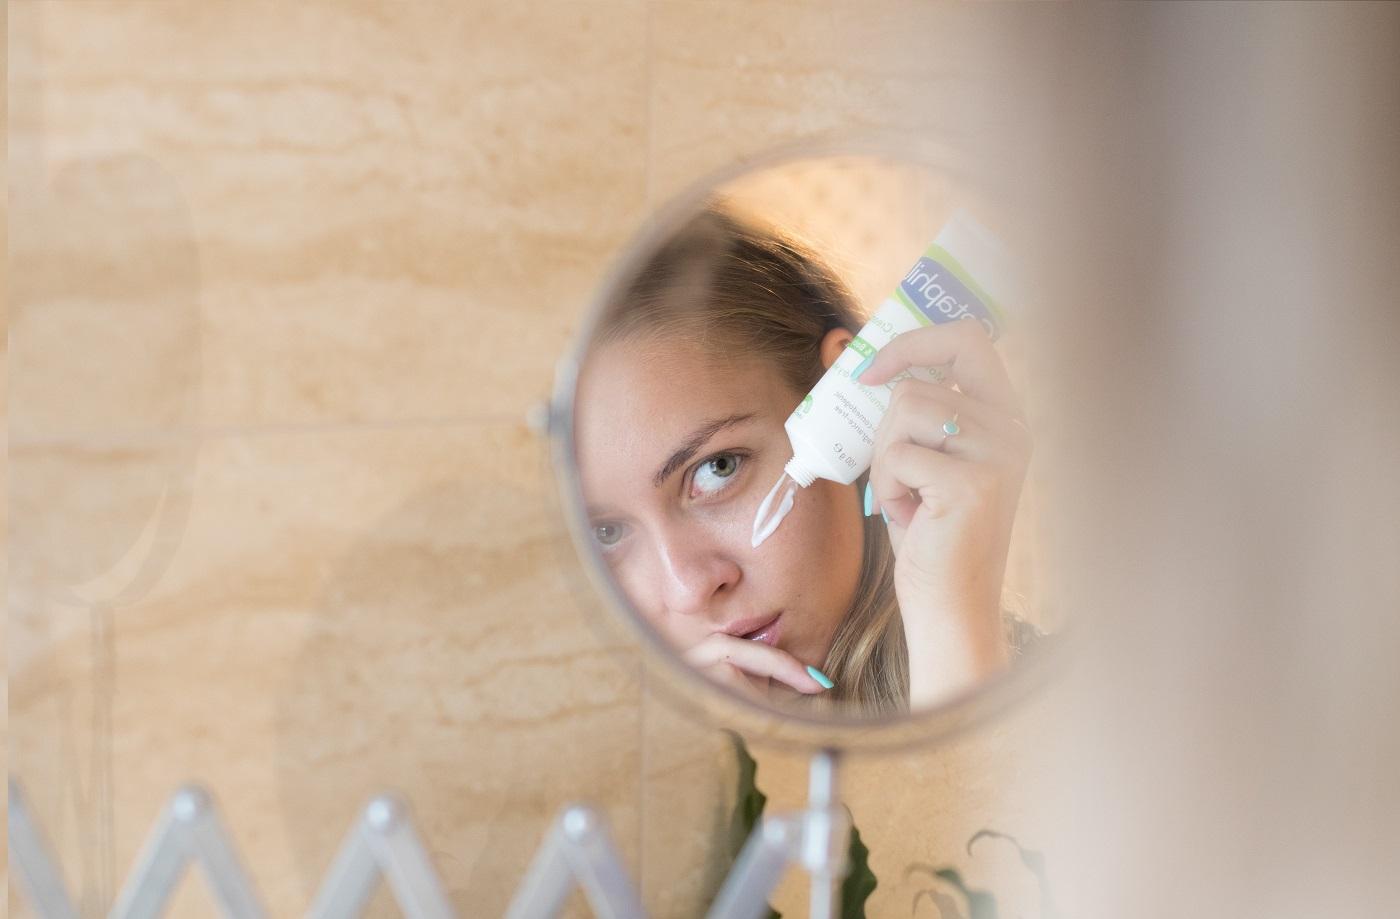 pikkelysömör fotó a kezdeti stádiumú kezelés a fején